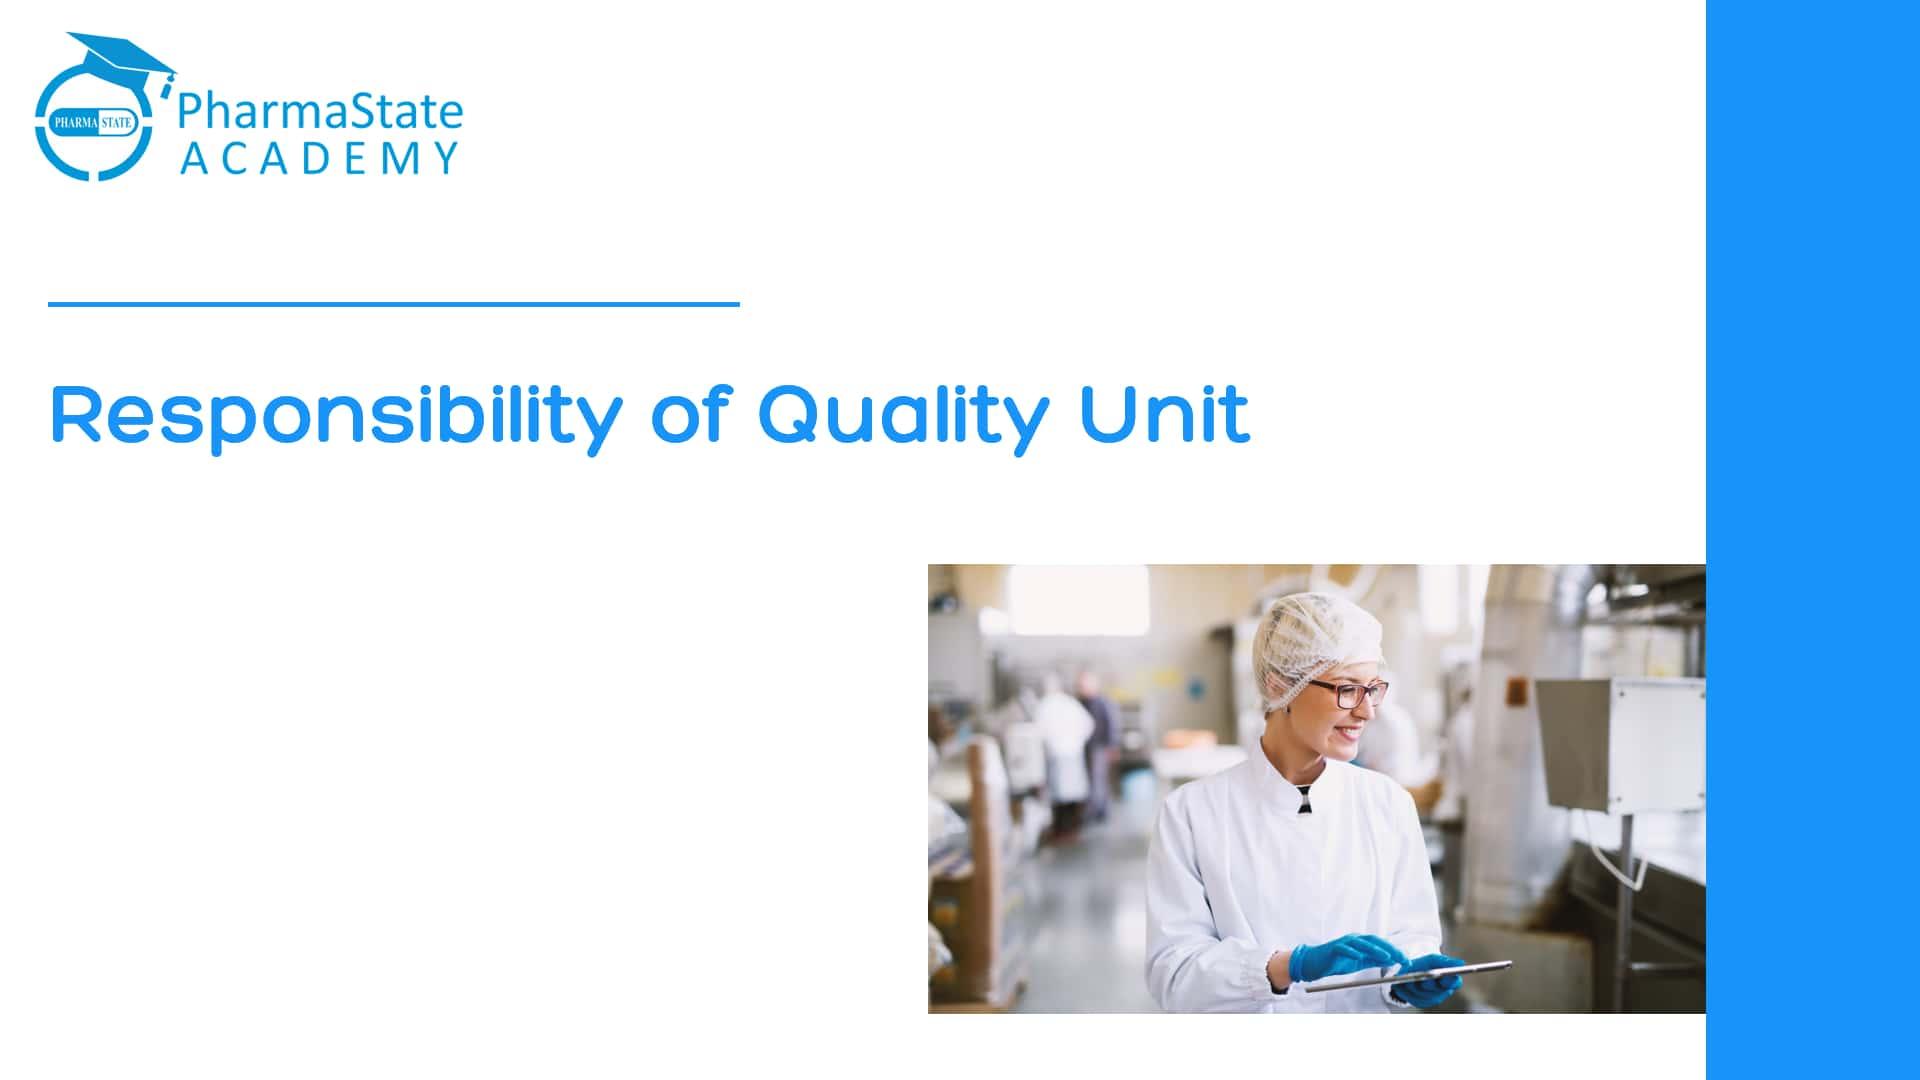 quality units